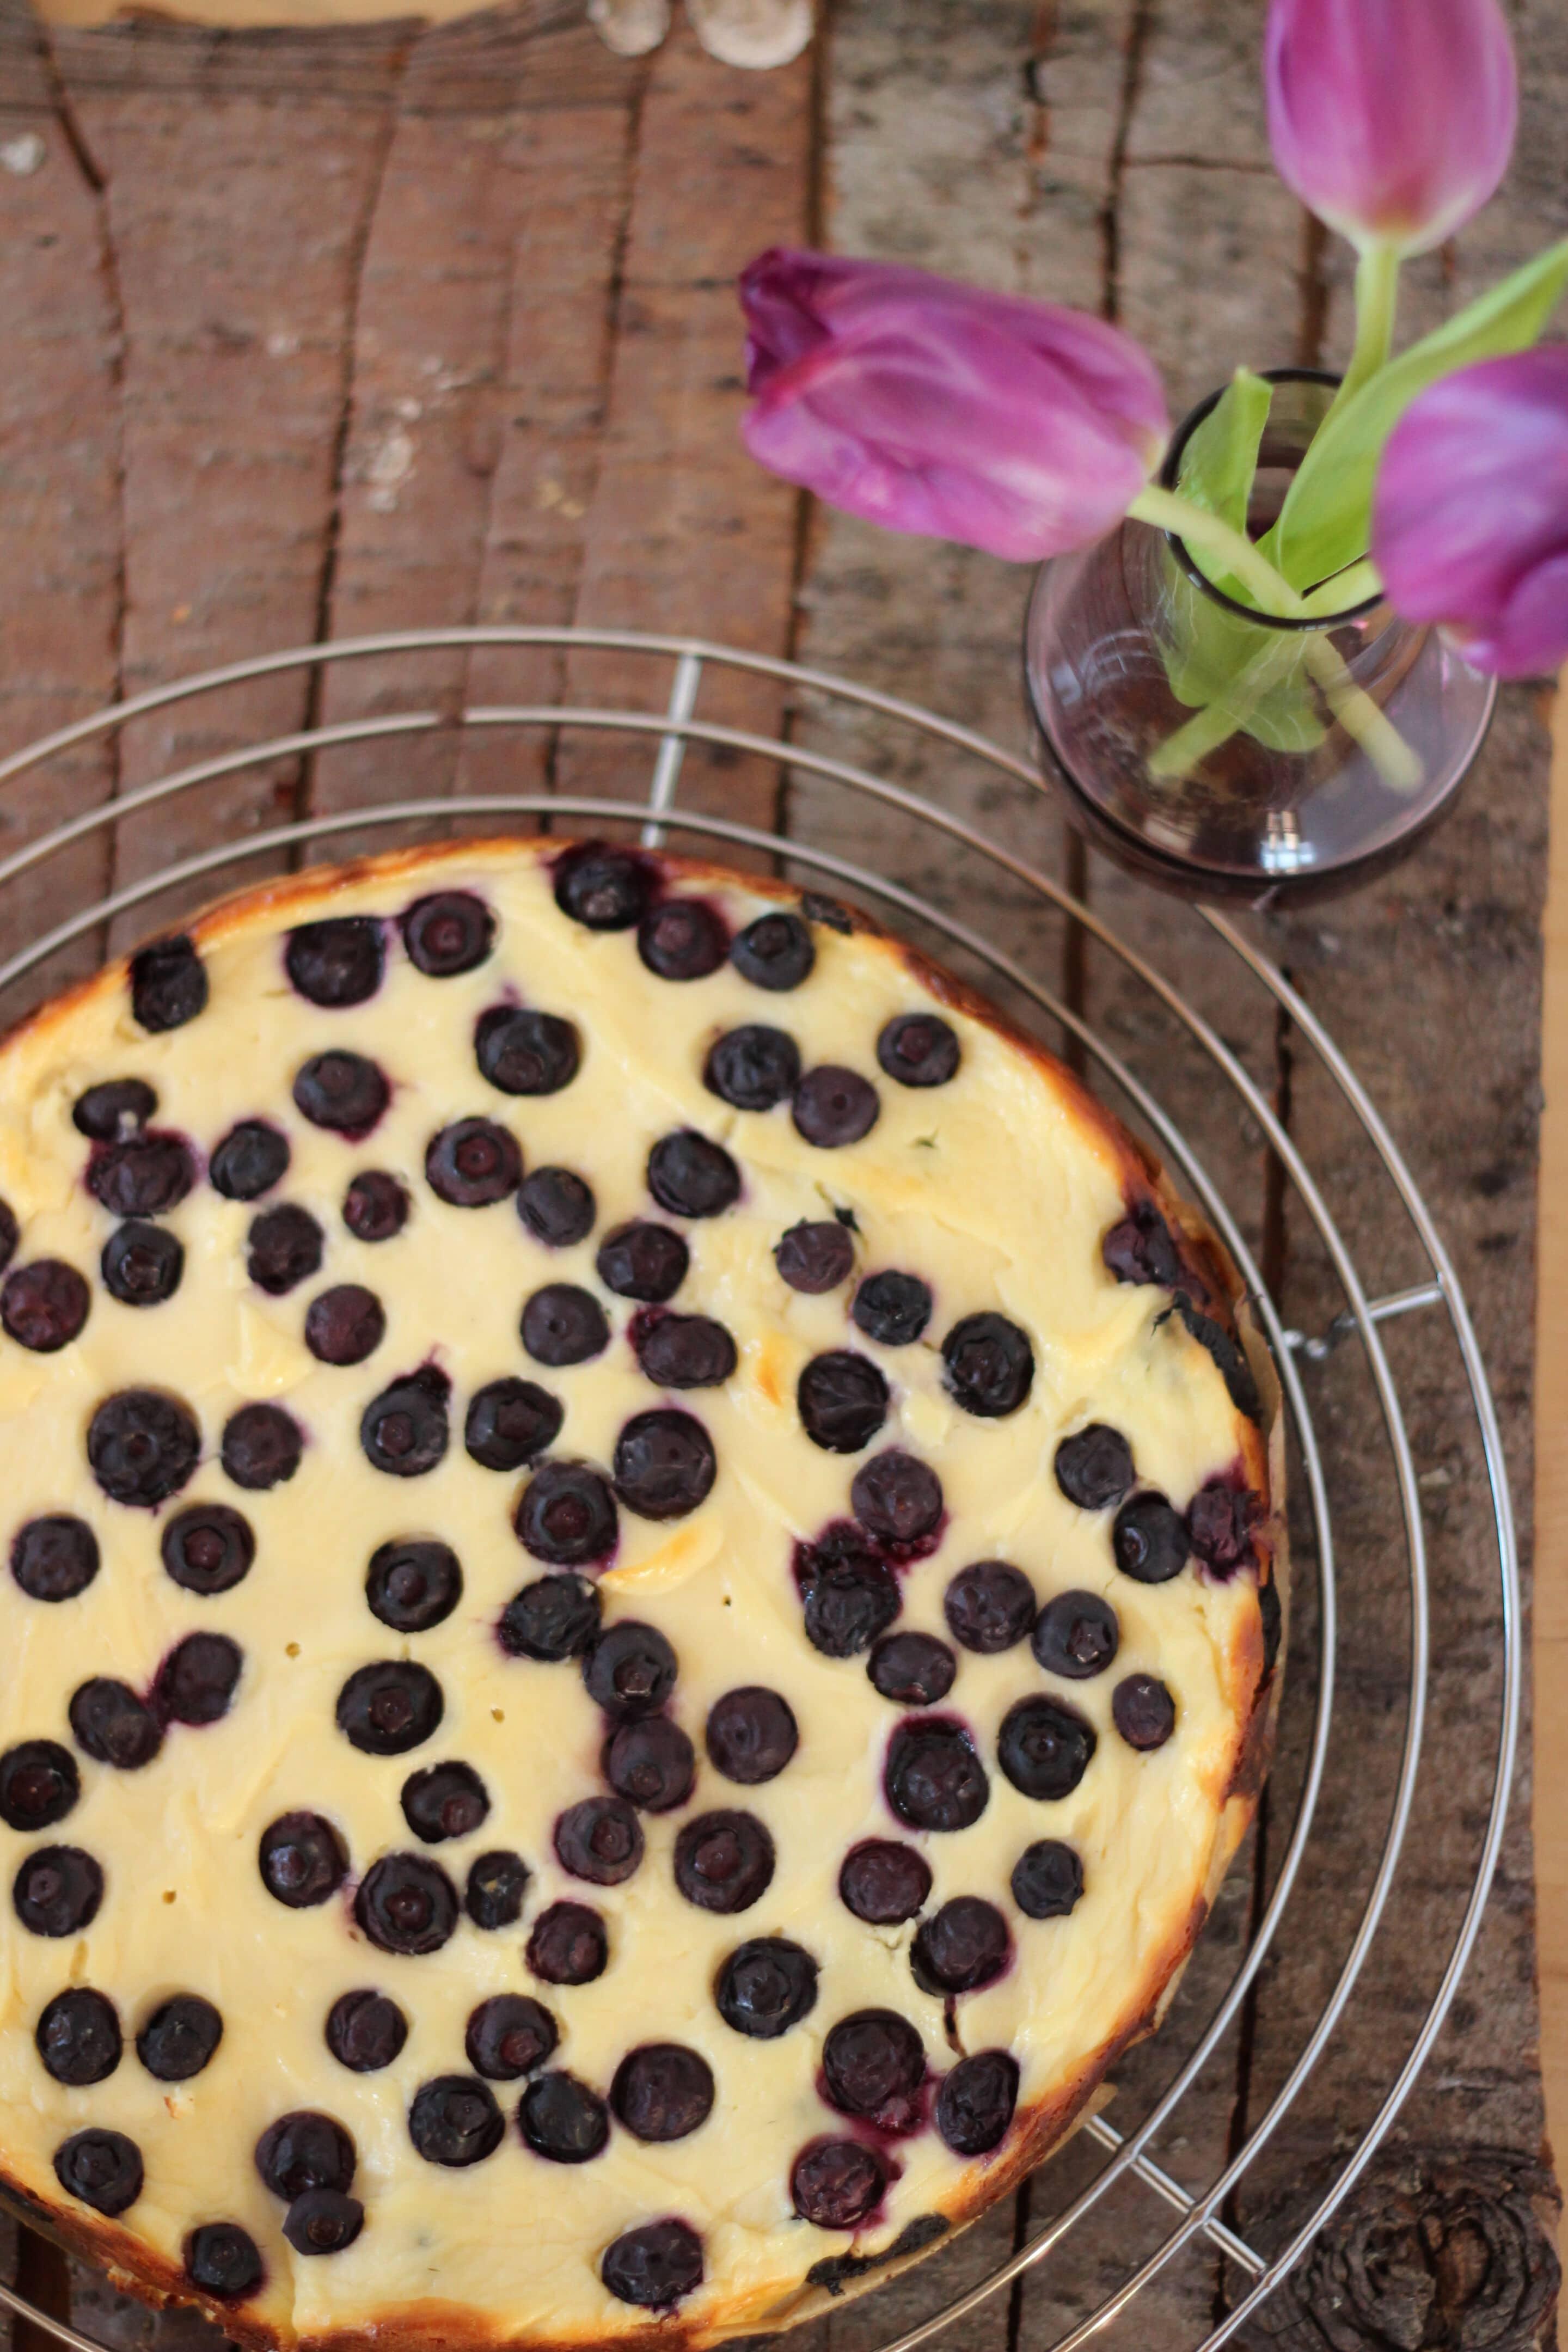 Oreo-Cheesecake mit Blaubeeren für die Königin oder was Bryan Adams zum Dessert isst